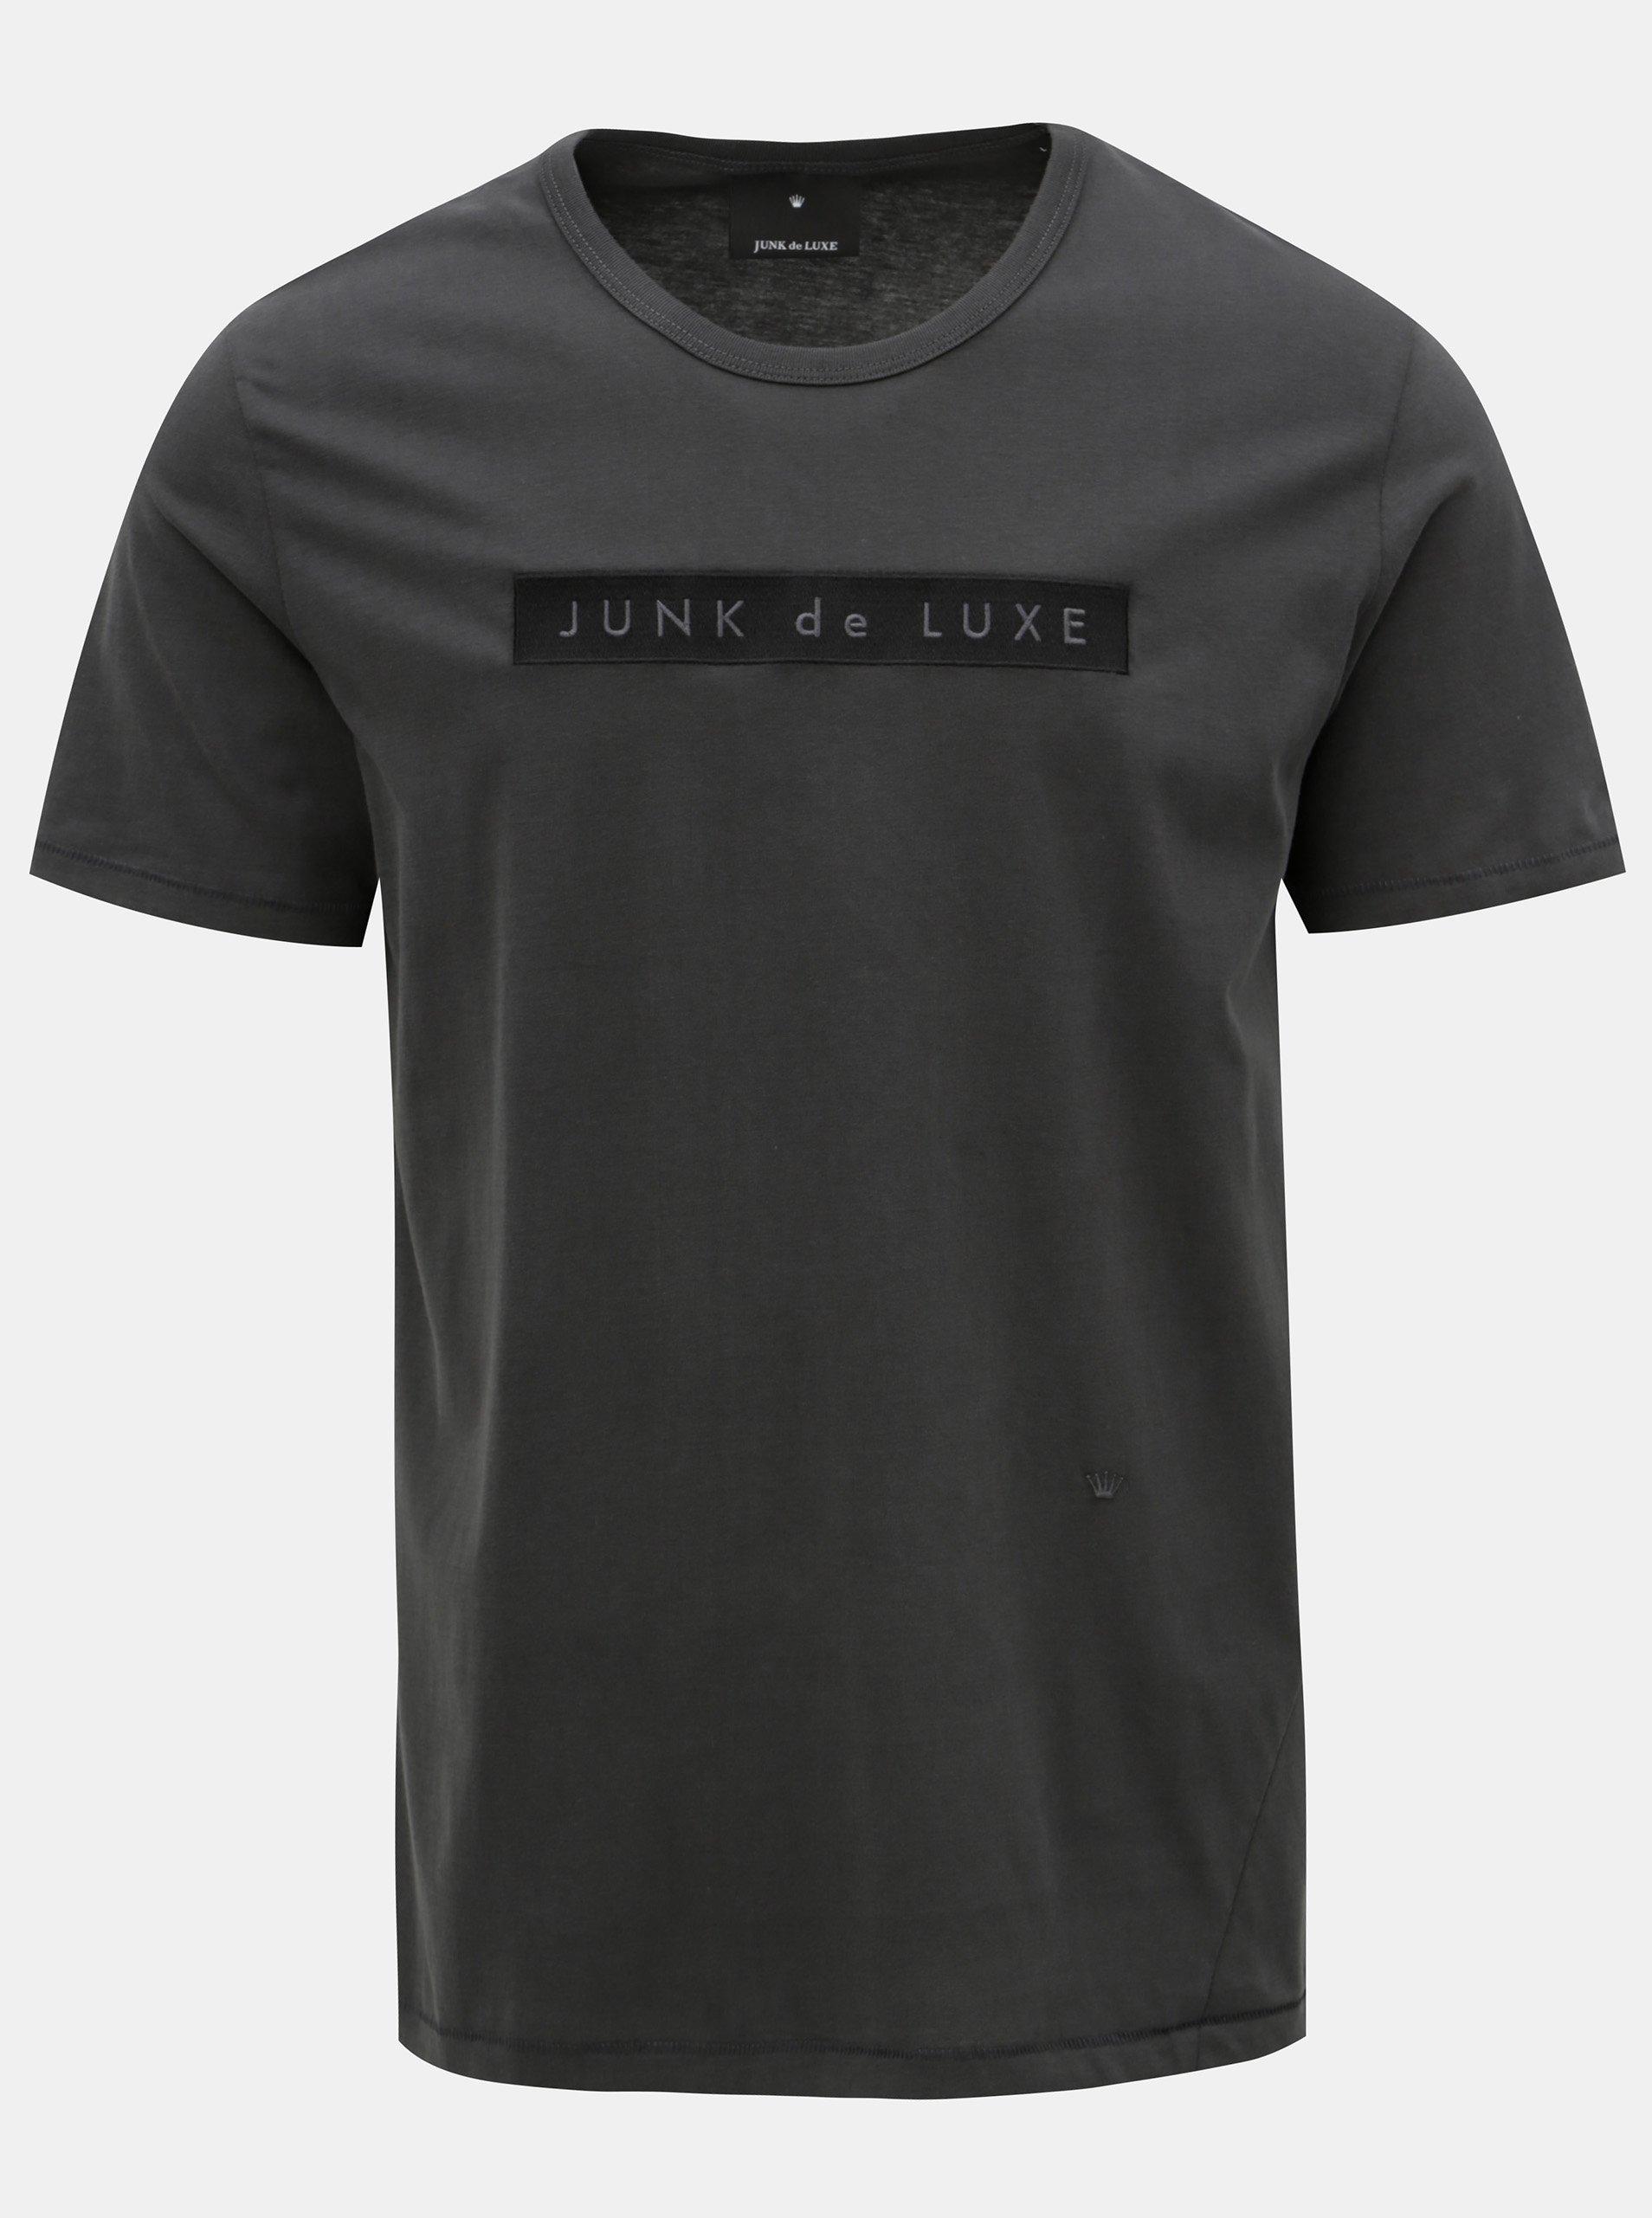 70aa92bf0ca Šedé tričko s výšivkou JUNK de LUXE